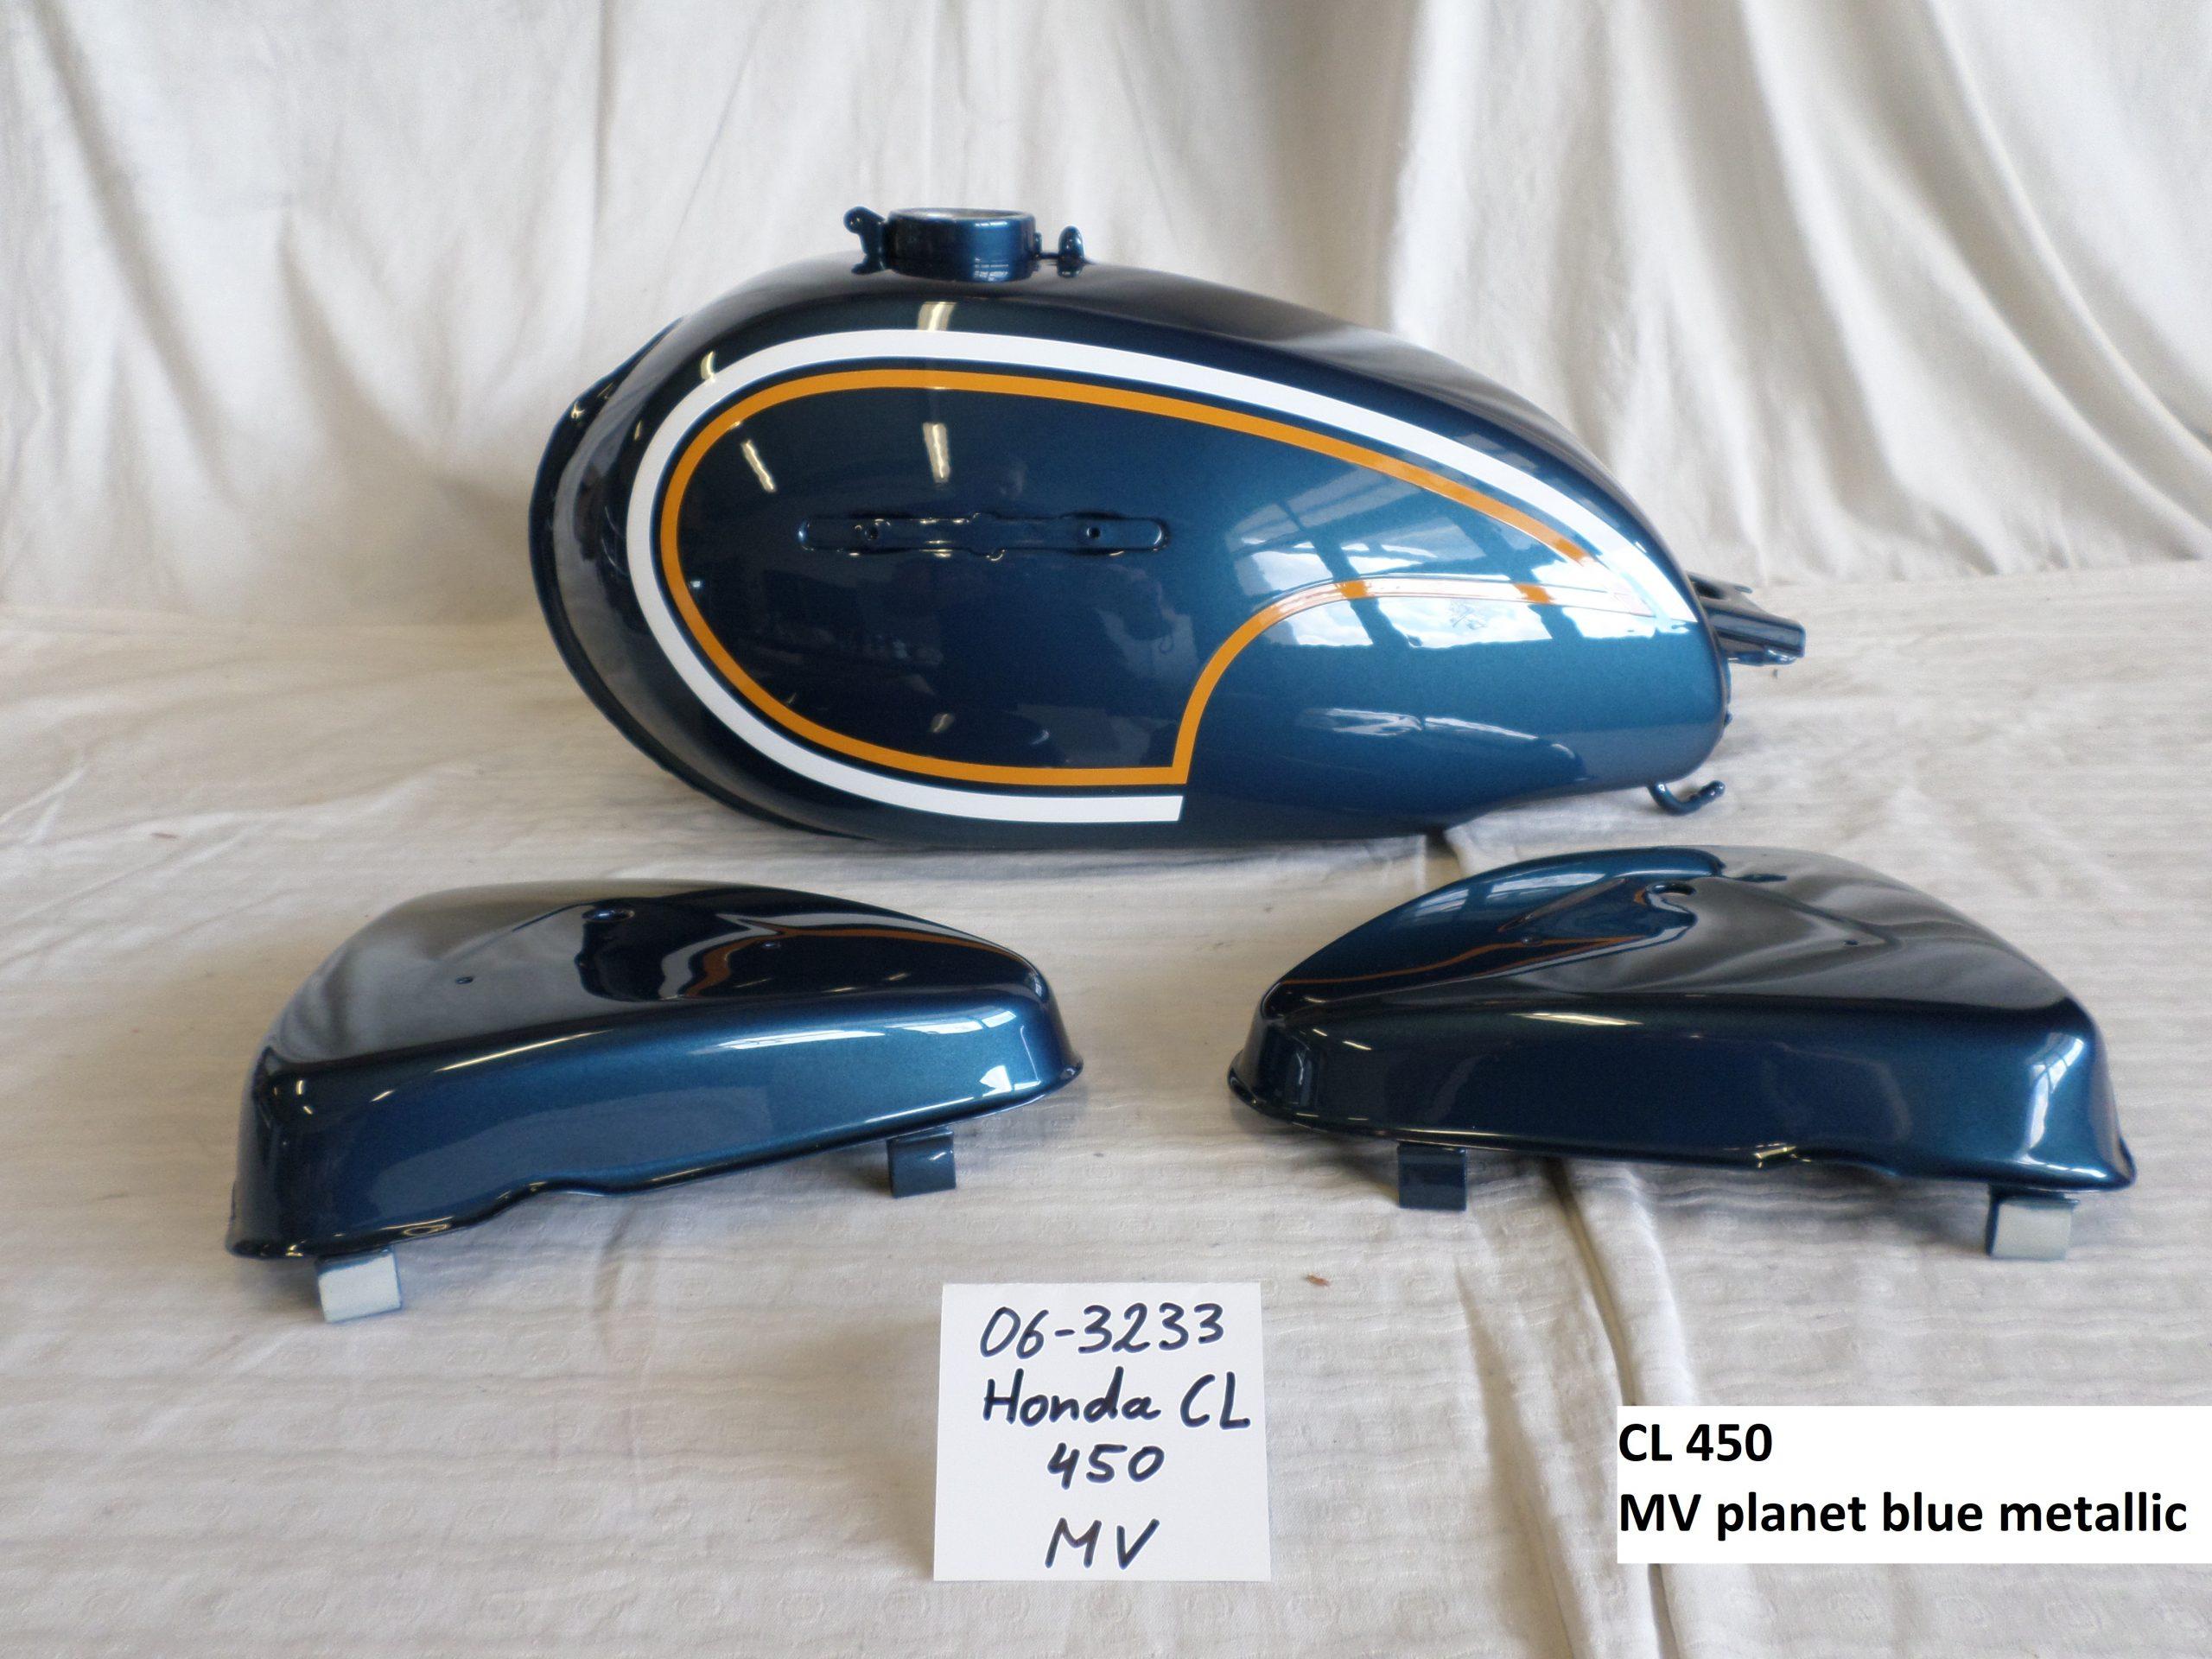 Honda CL450 in planet blue MV RH-Lacke Lackiererei Motorradlackierung 06-3233